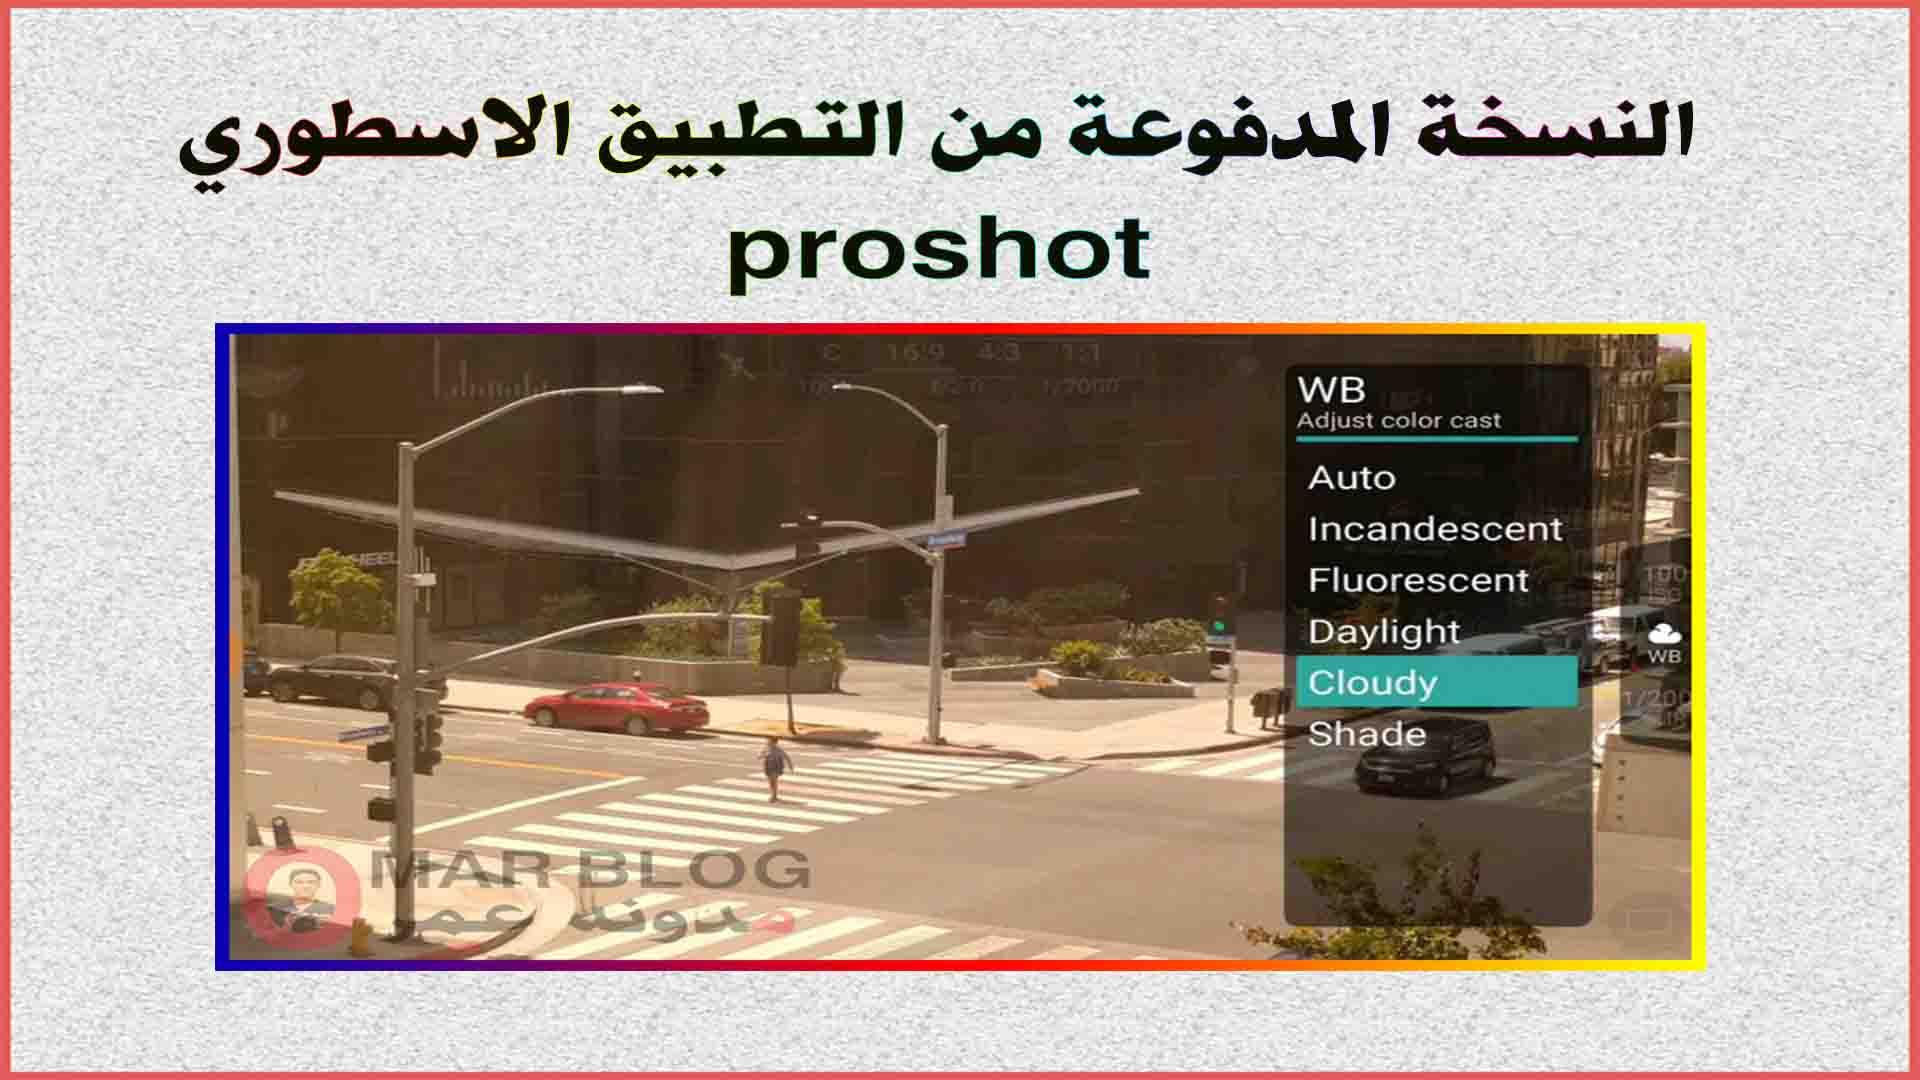 تحميل تطبيق proshot مجانا (النسخة المدفوعة من تطبيق proshot) .